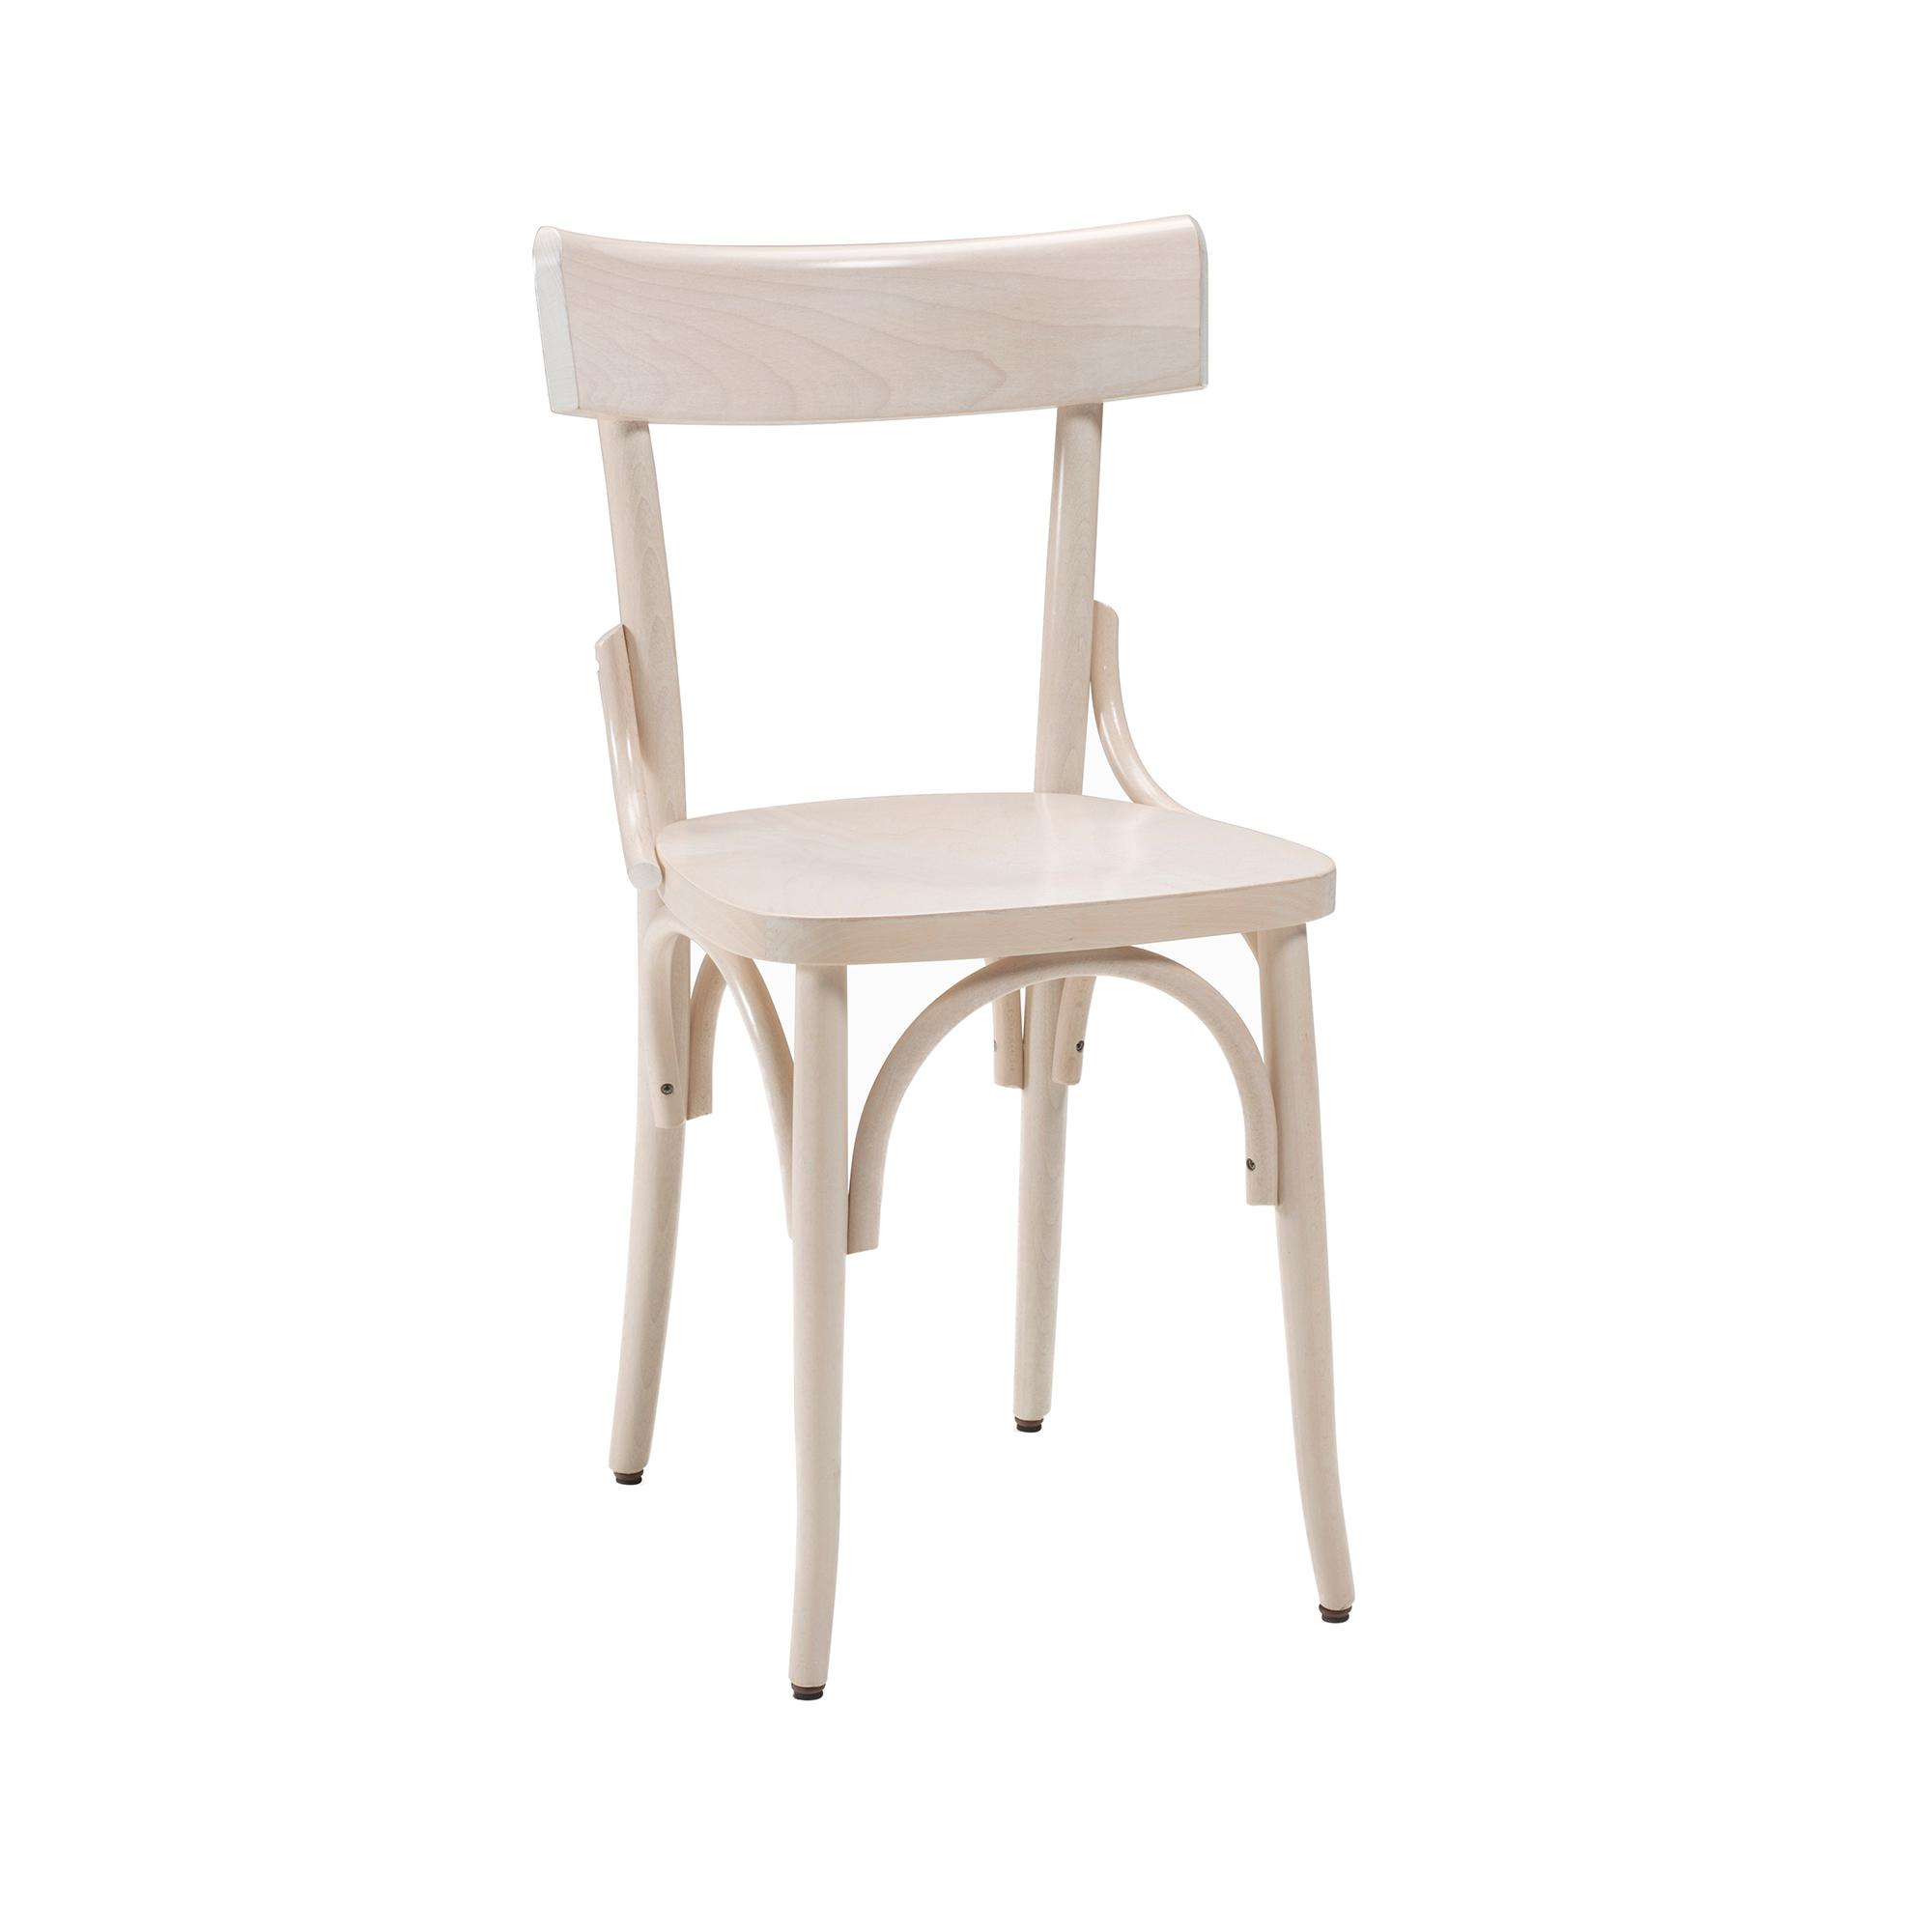 Sedia in stile classico modello 875